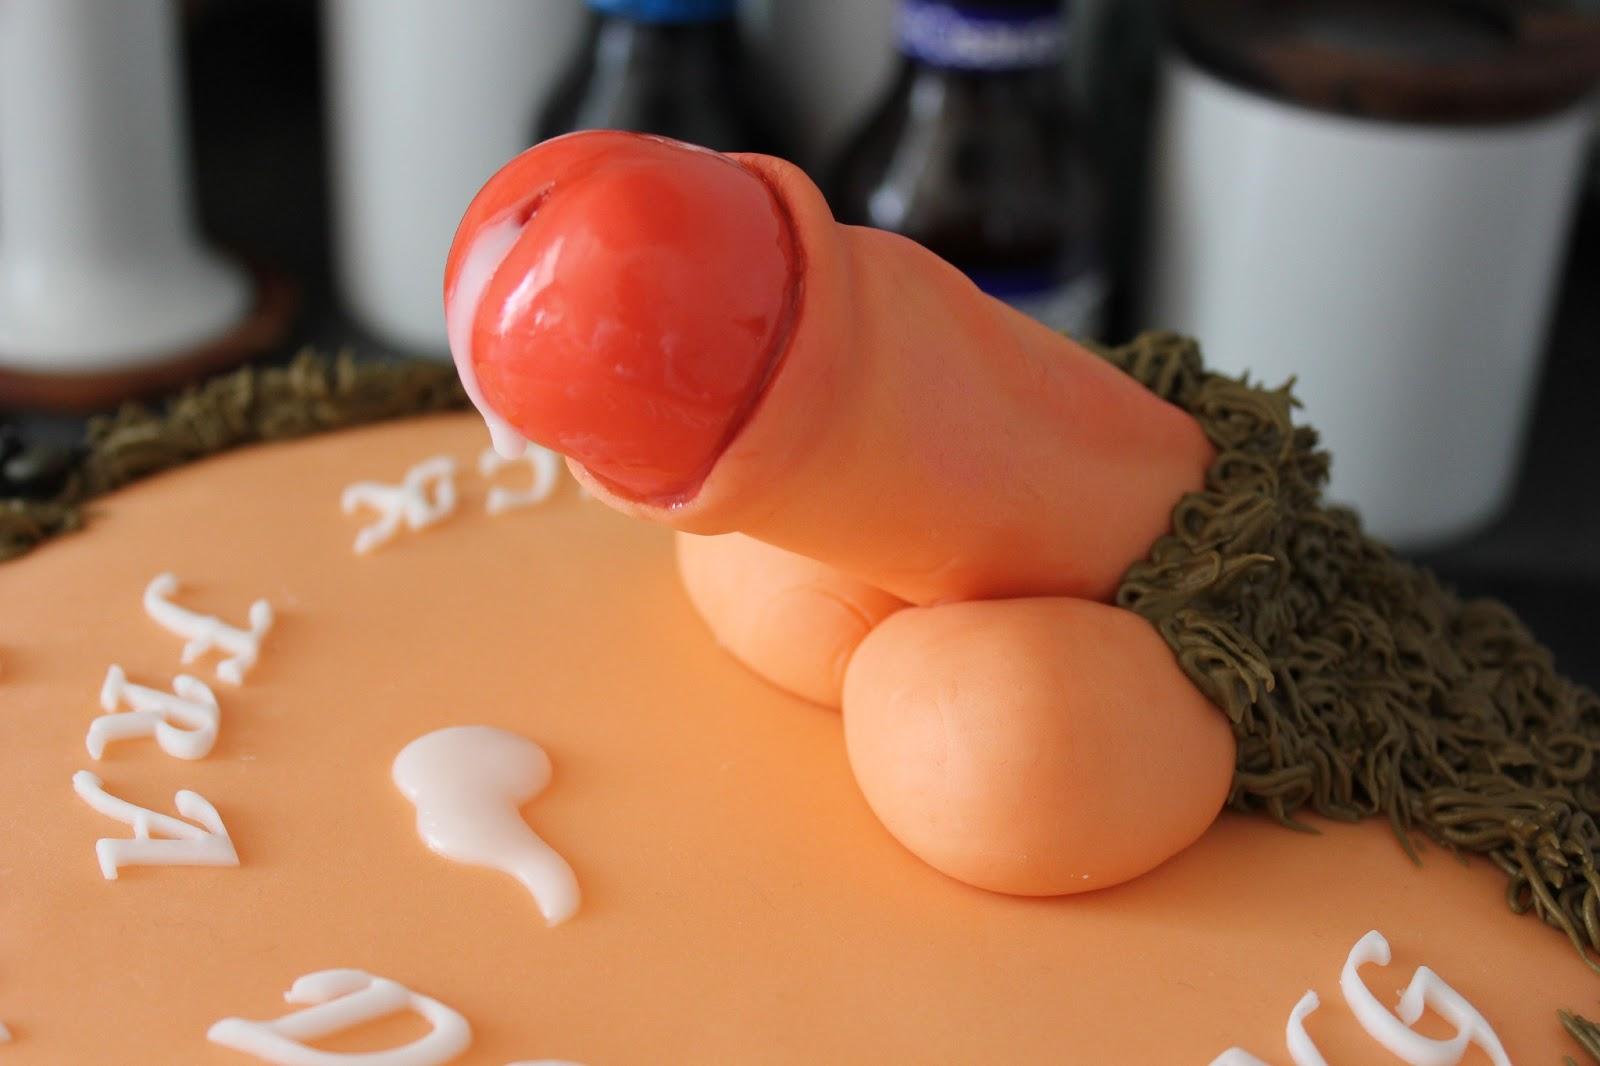 kage formet som en penis